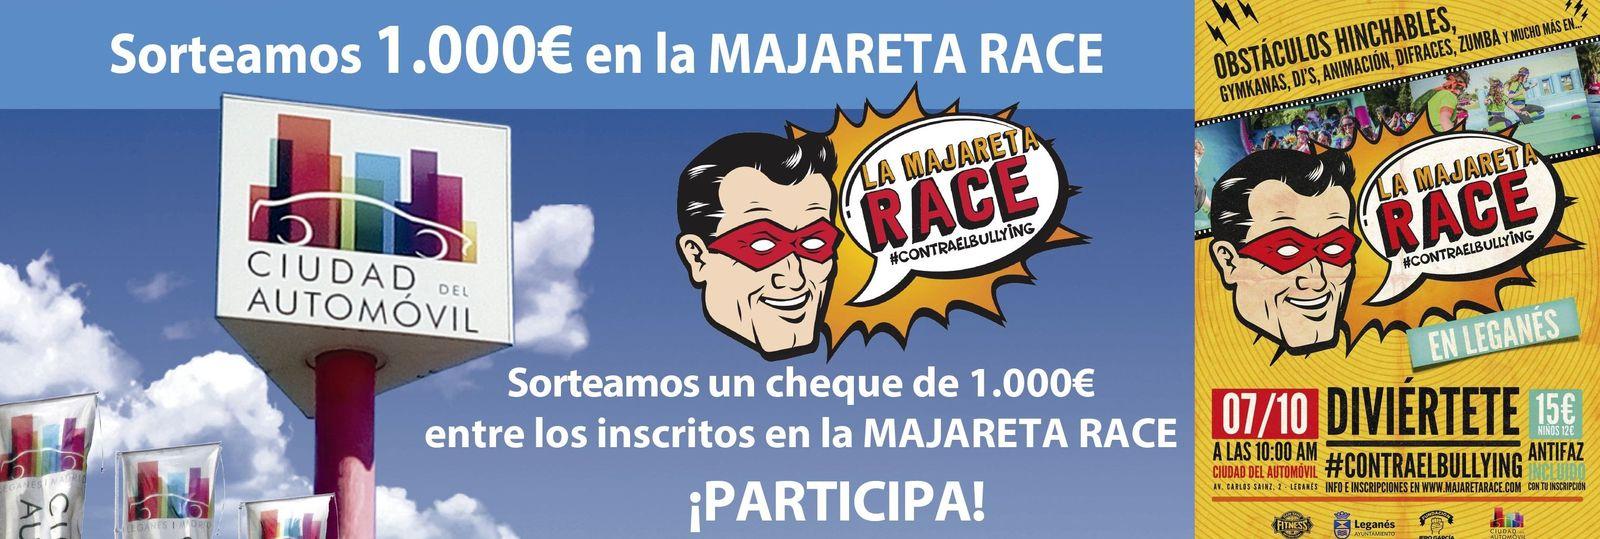 Ciudad del Automóvil sorteo de 1000 euros Cheque Majareta Race